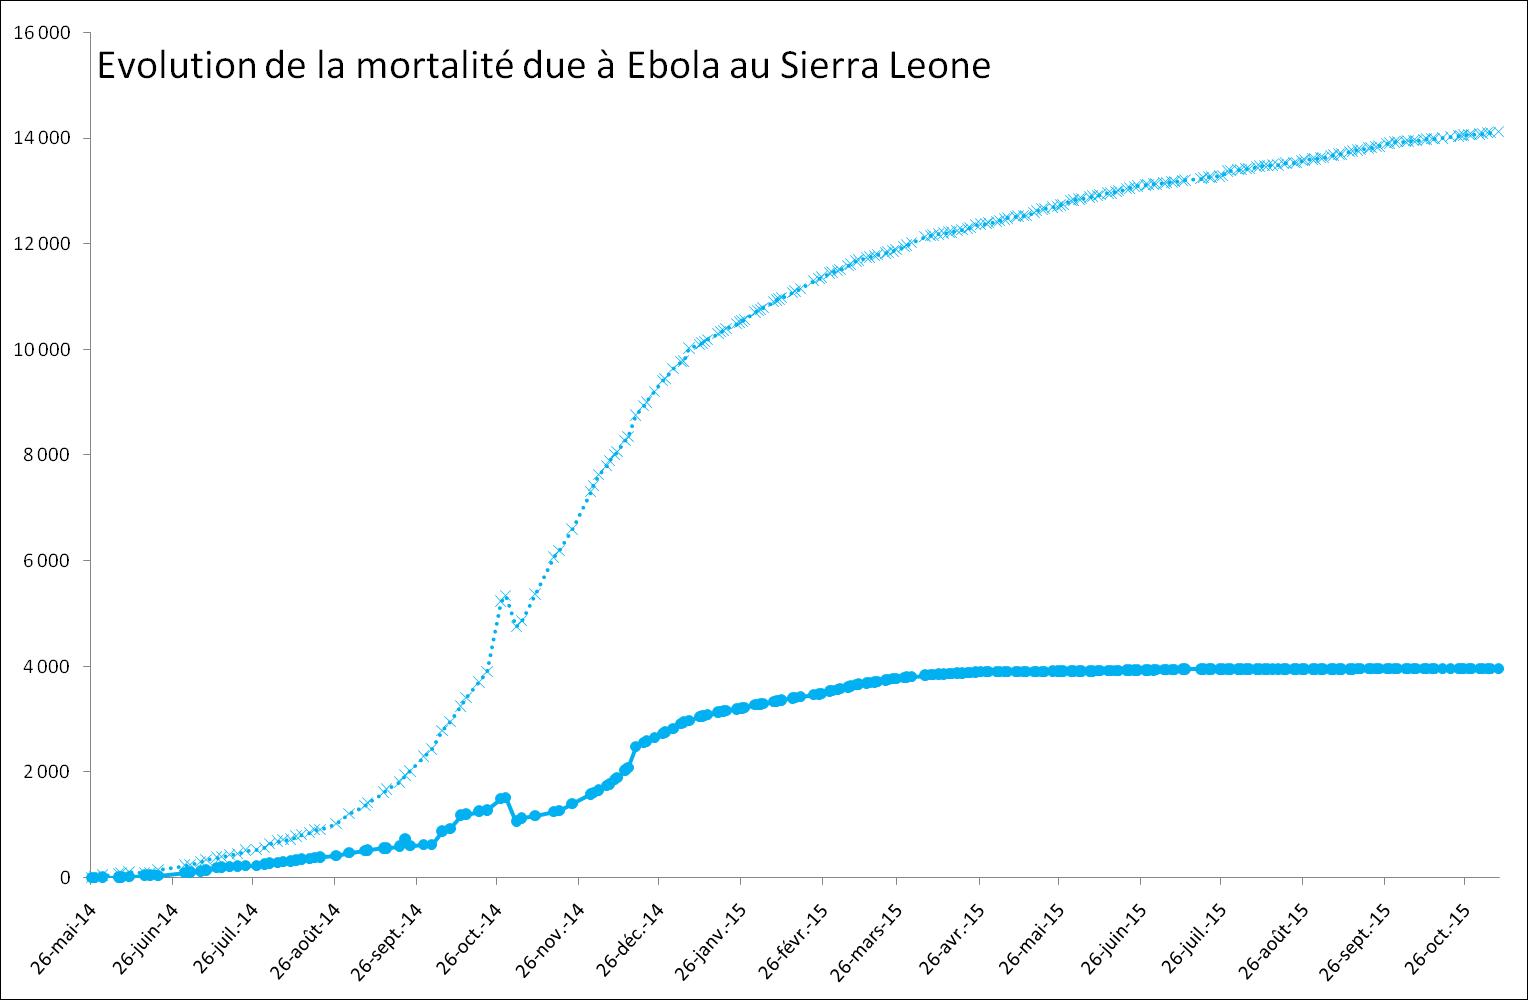 Evolution provoquée par Ebola au Sierra Leone